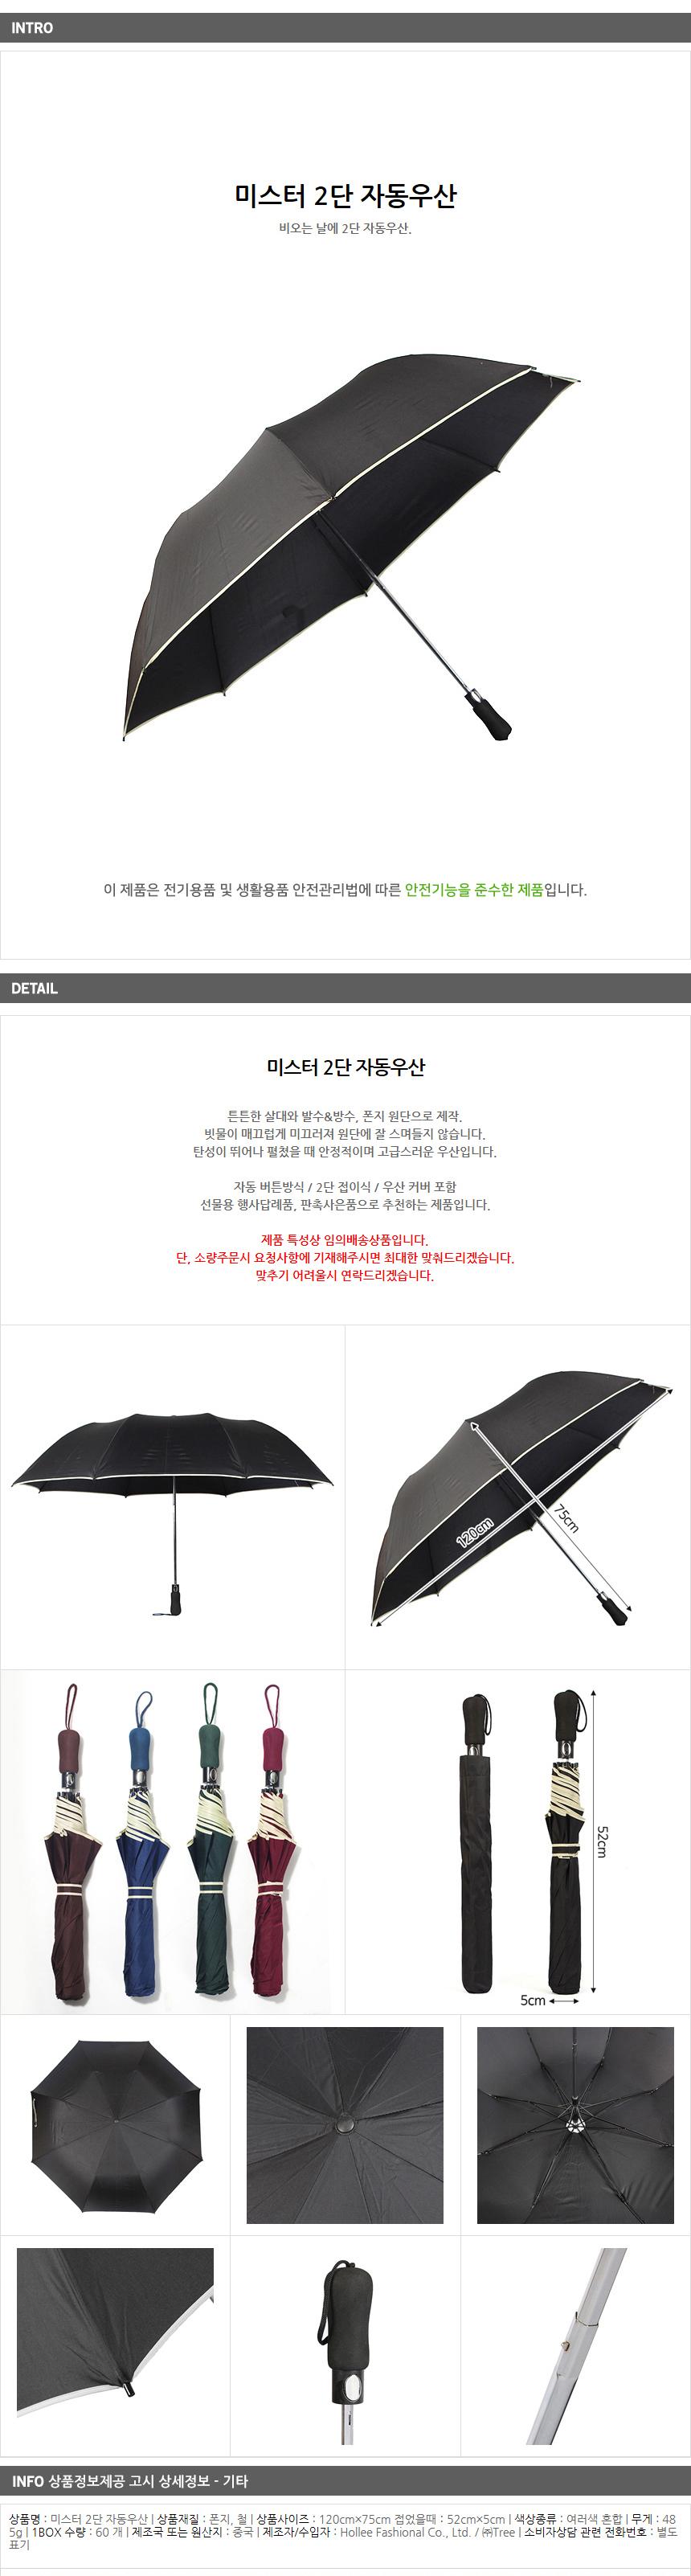 자동 2단우산 - 기프트갓, 9,760원, 우산, 자동3단/5단우산